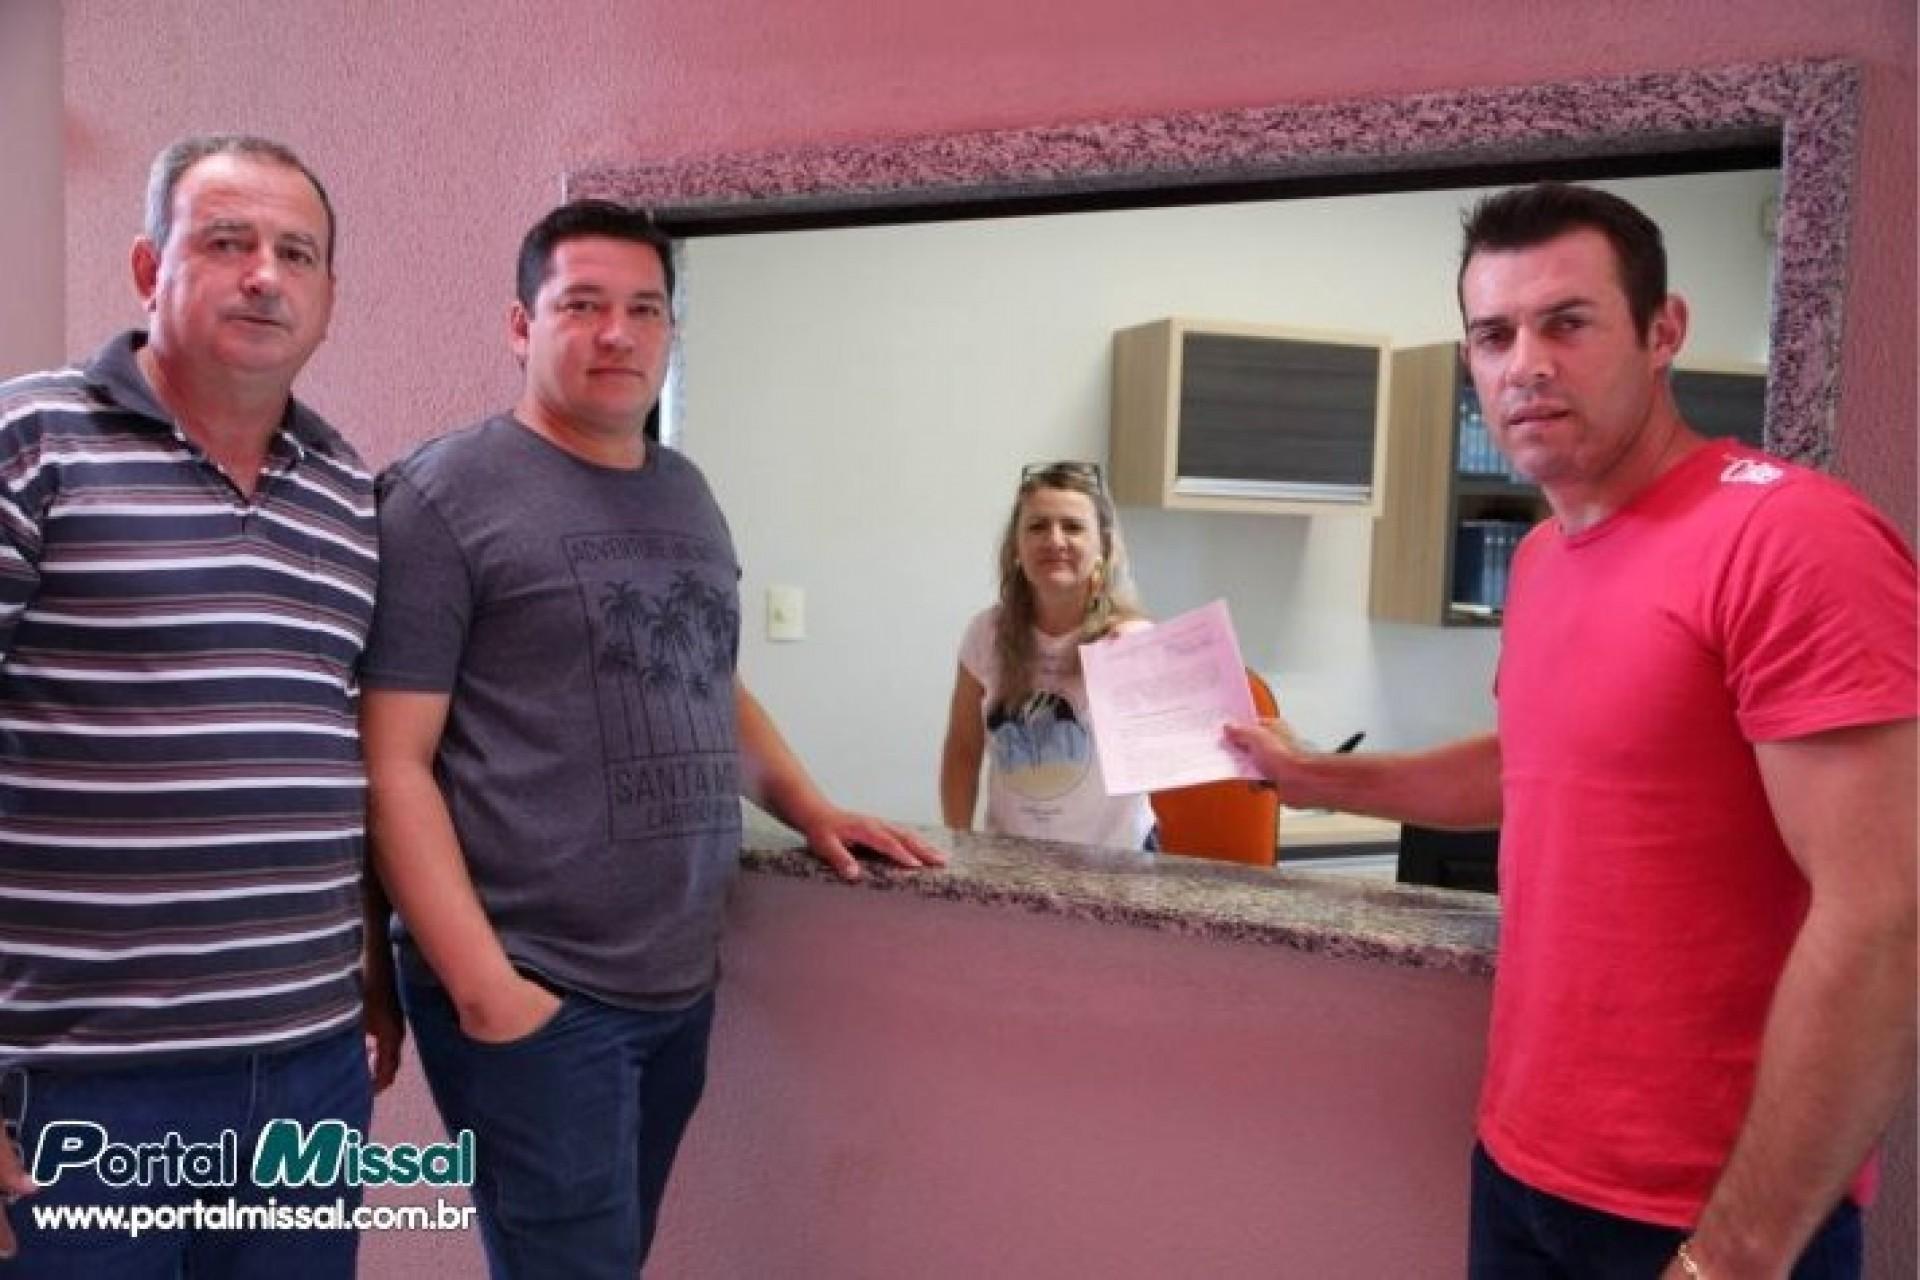 Requerimento para abertura de CPI na Câmara de Vereadores é protocolado em Itaipulândia